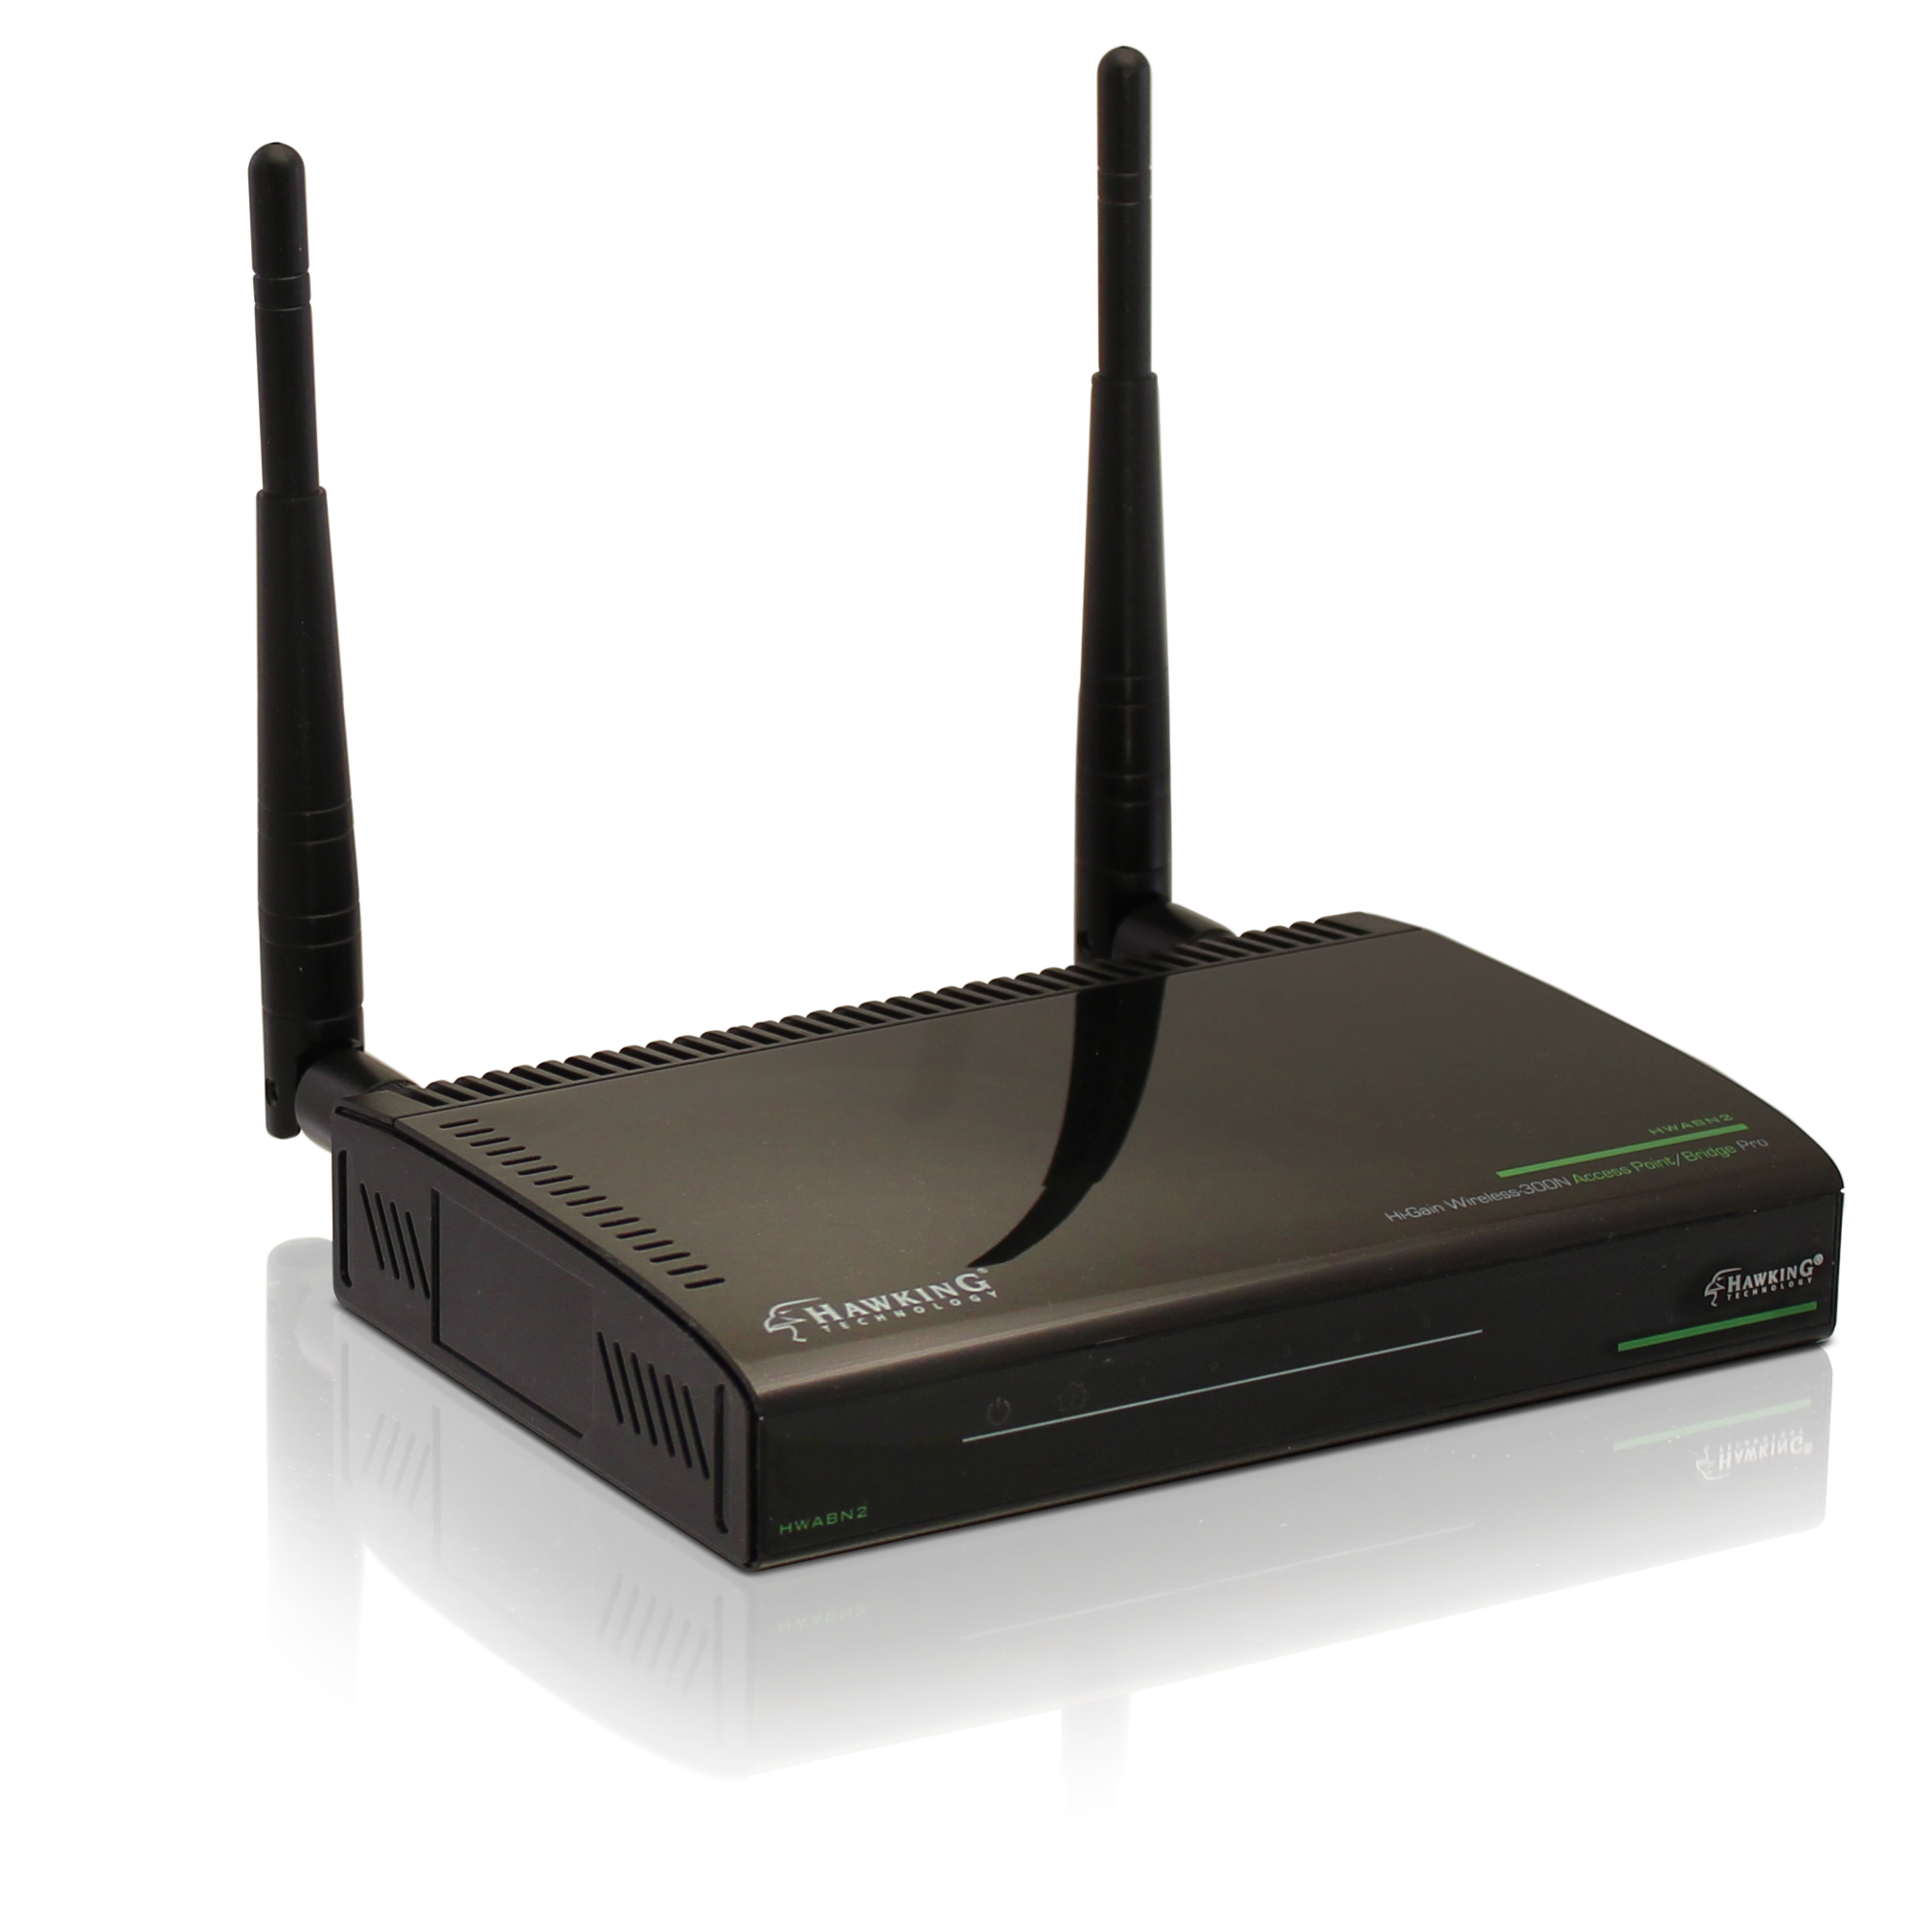 hwabn2-wifi-brige-image-large.png